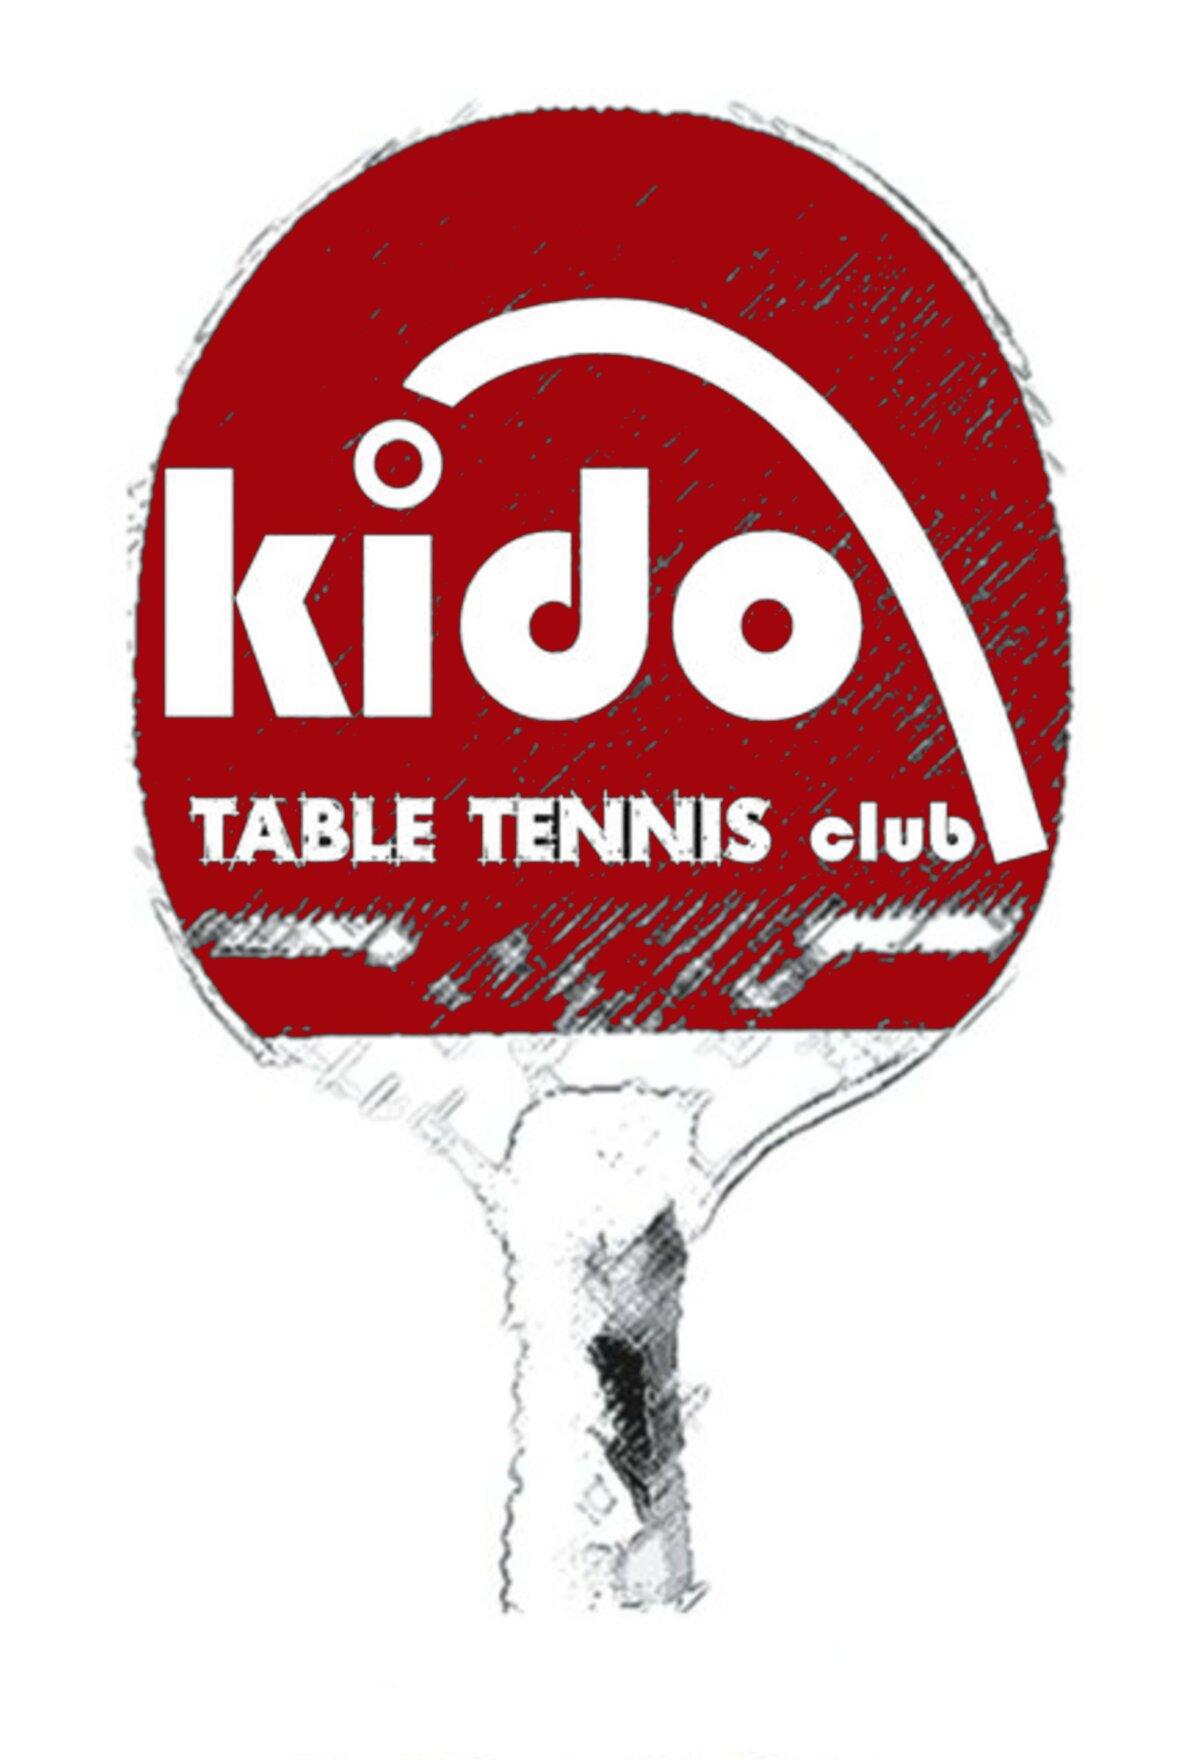 Kido table tennis club